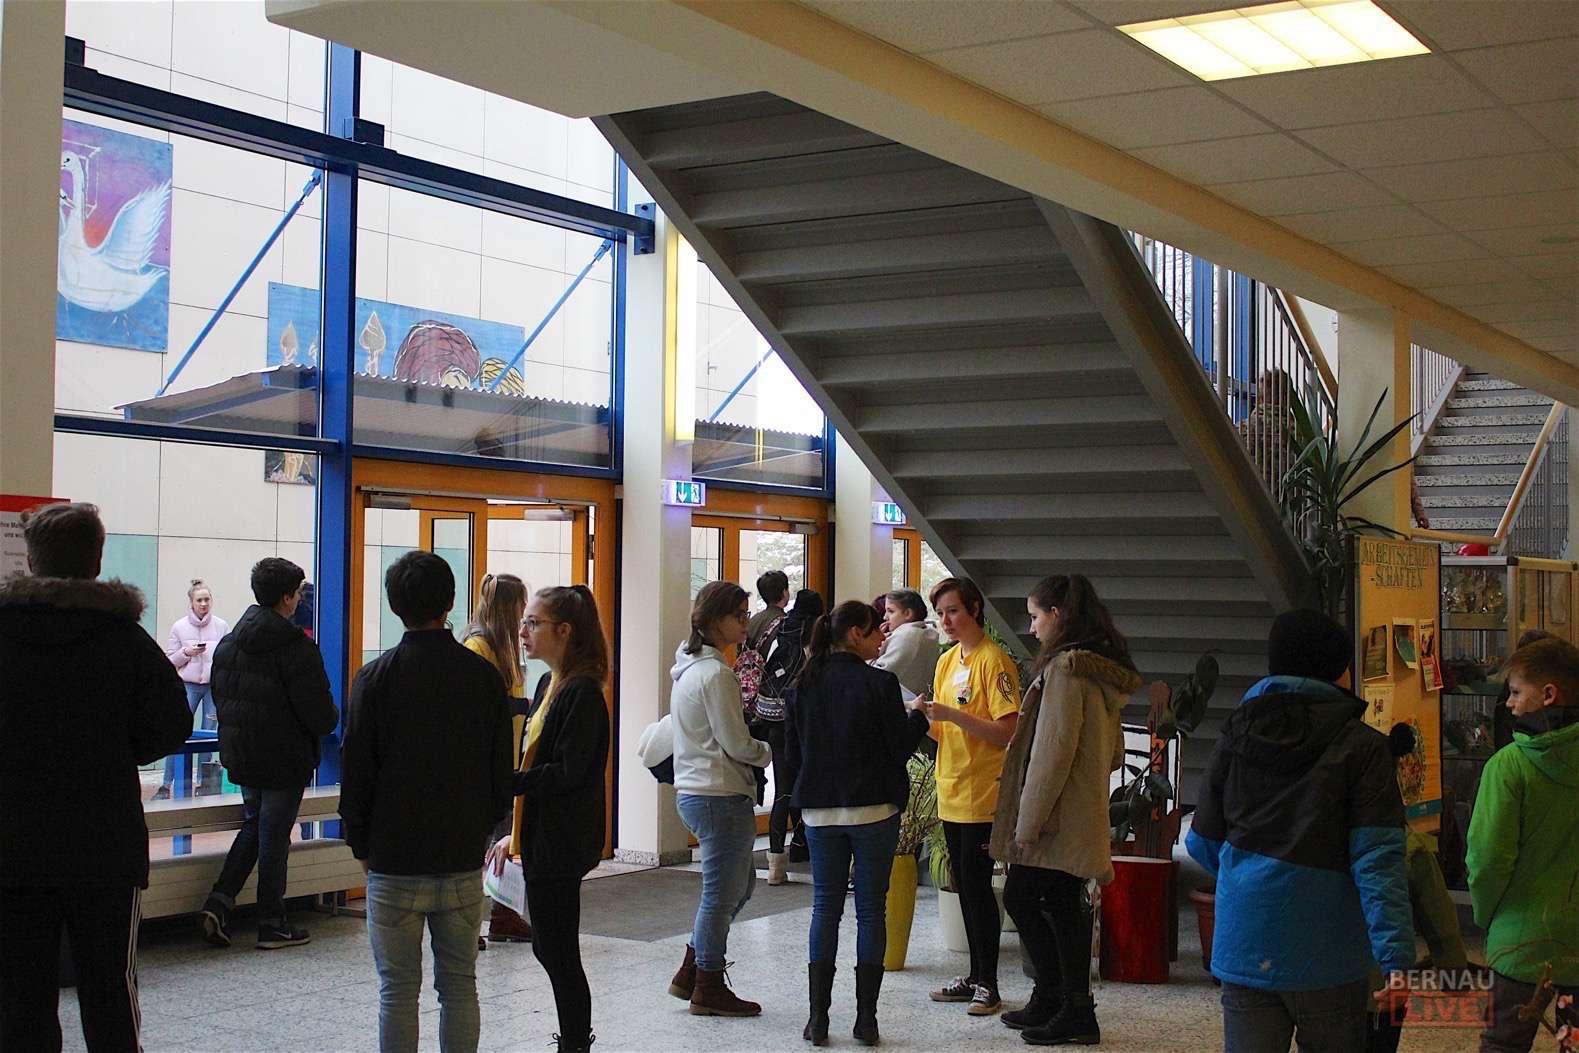 Schulen in Bernau luden zum Tag der offenen Tür ein